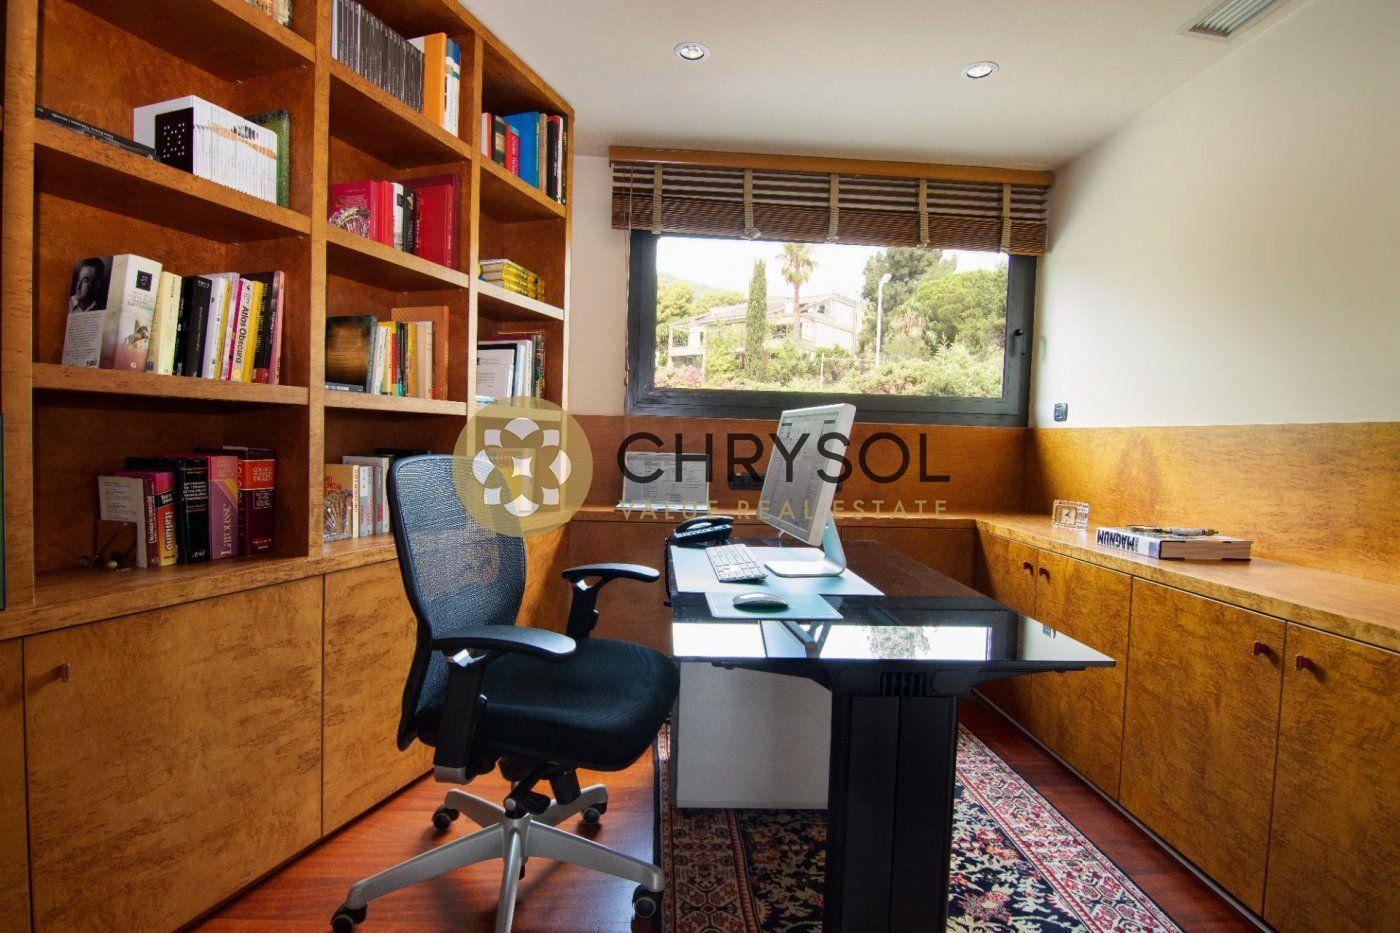 Fotogalería - 9 - Chrysol Value